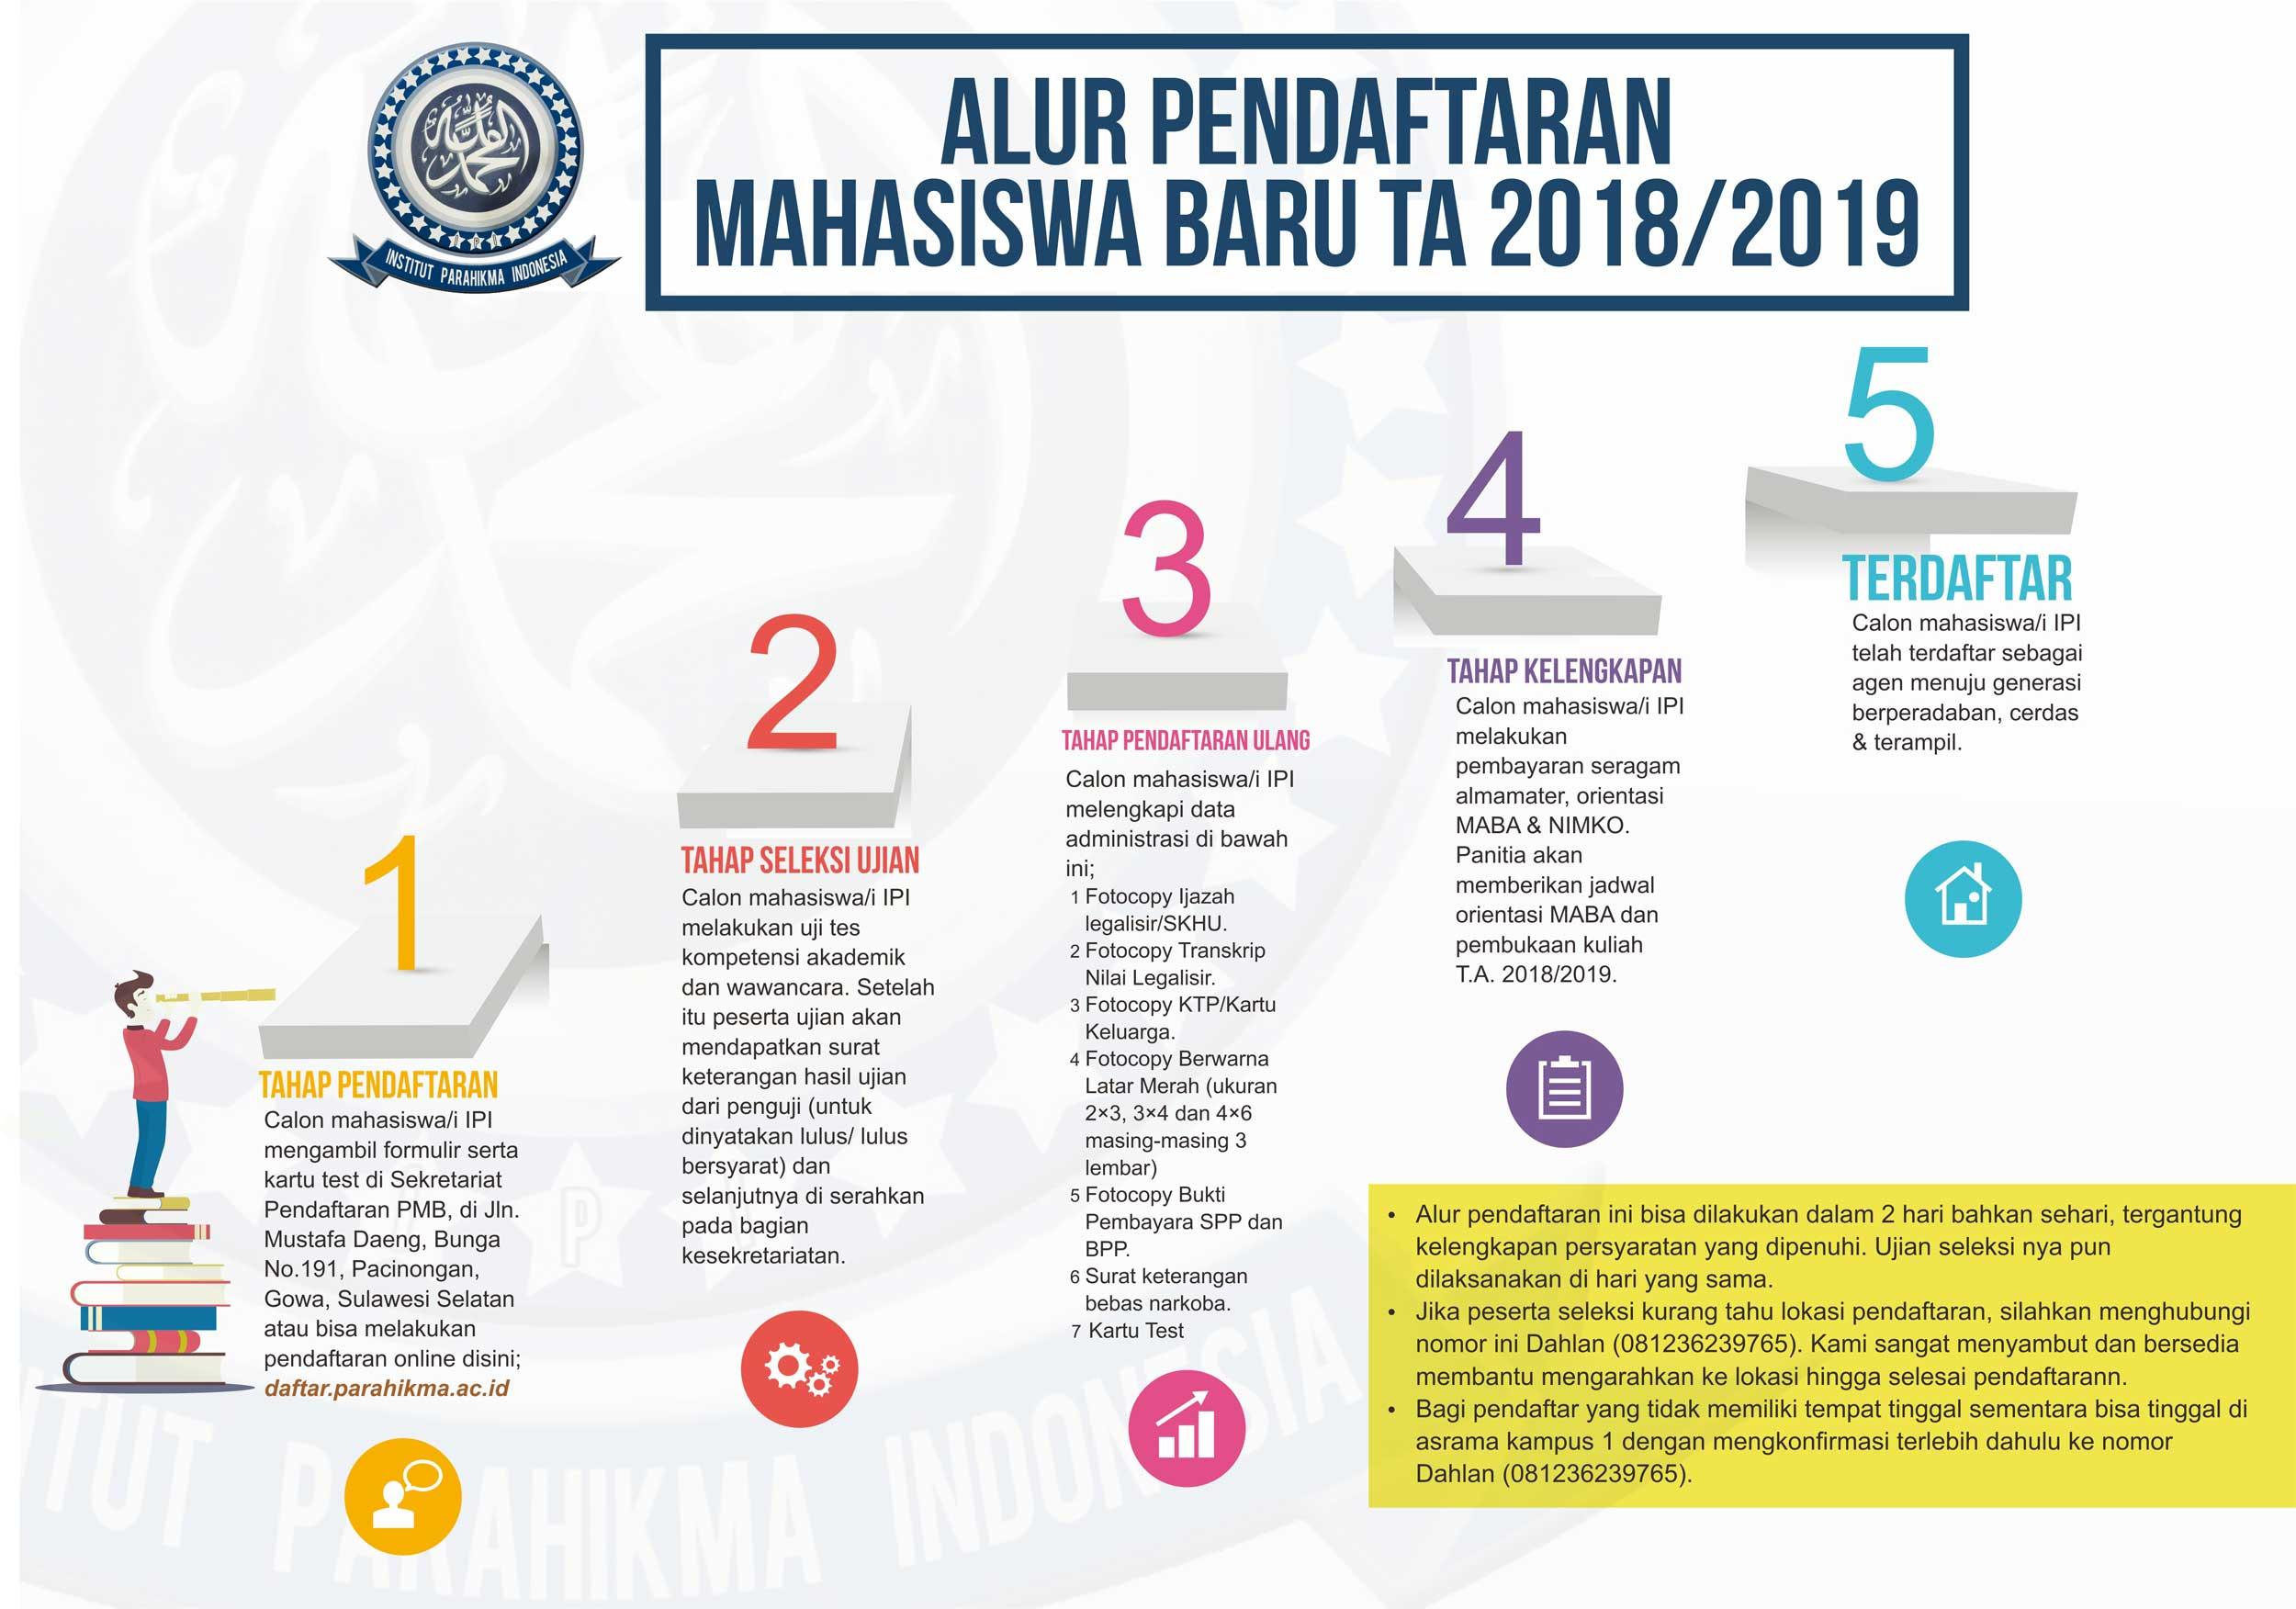 Alur Pendaftaran Mahasiswa Baru TA 2018/2019